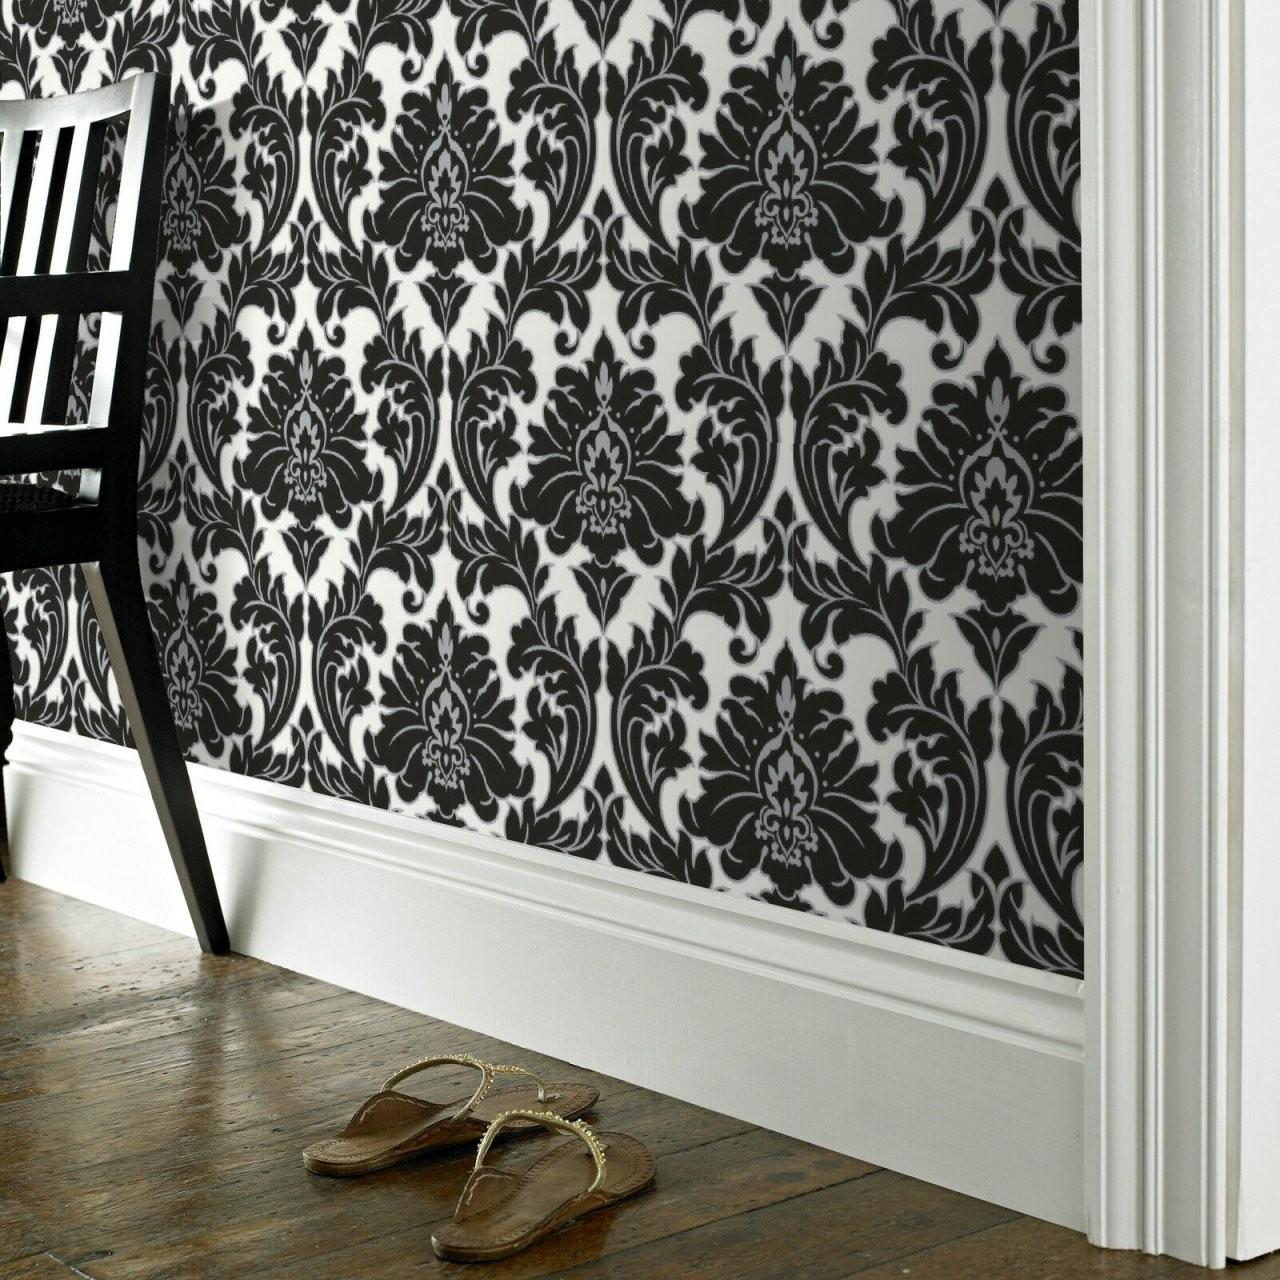 Coole Tapete  Barock Tapete Schwarz Silber von Barock Tapete Schwarz Weiß Bild